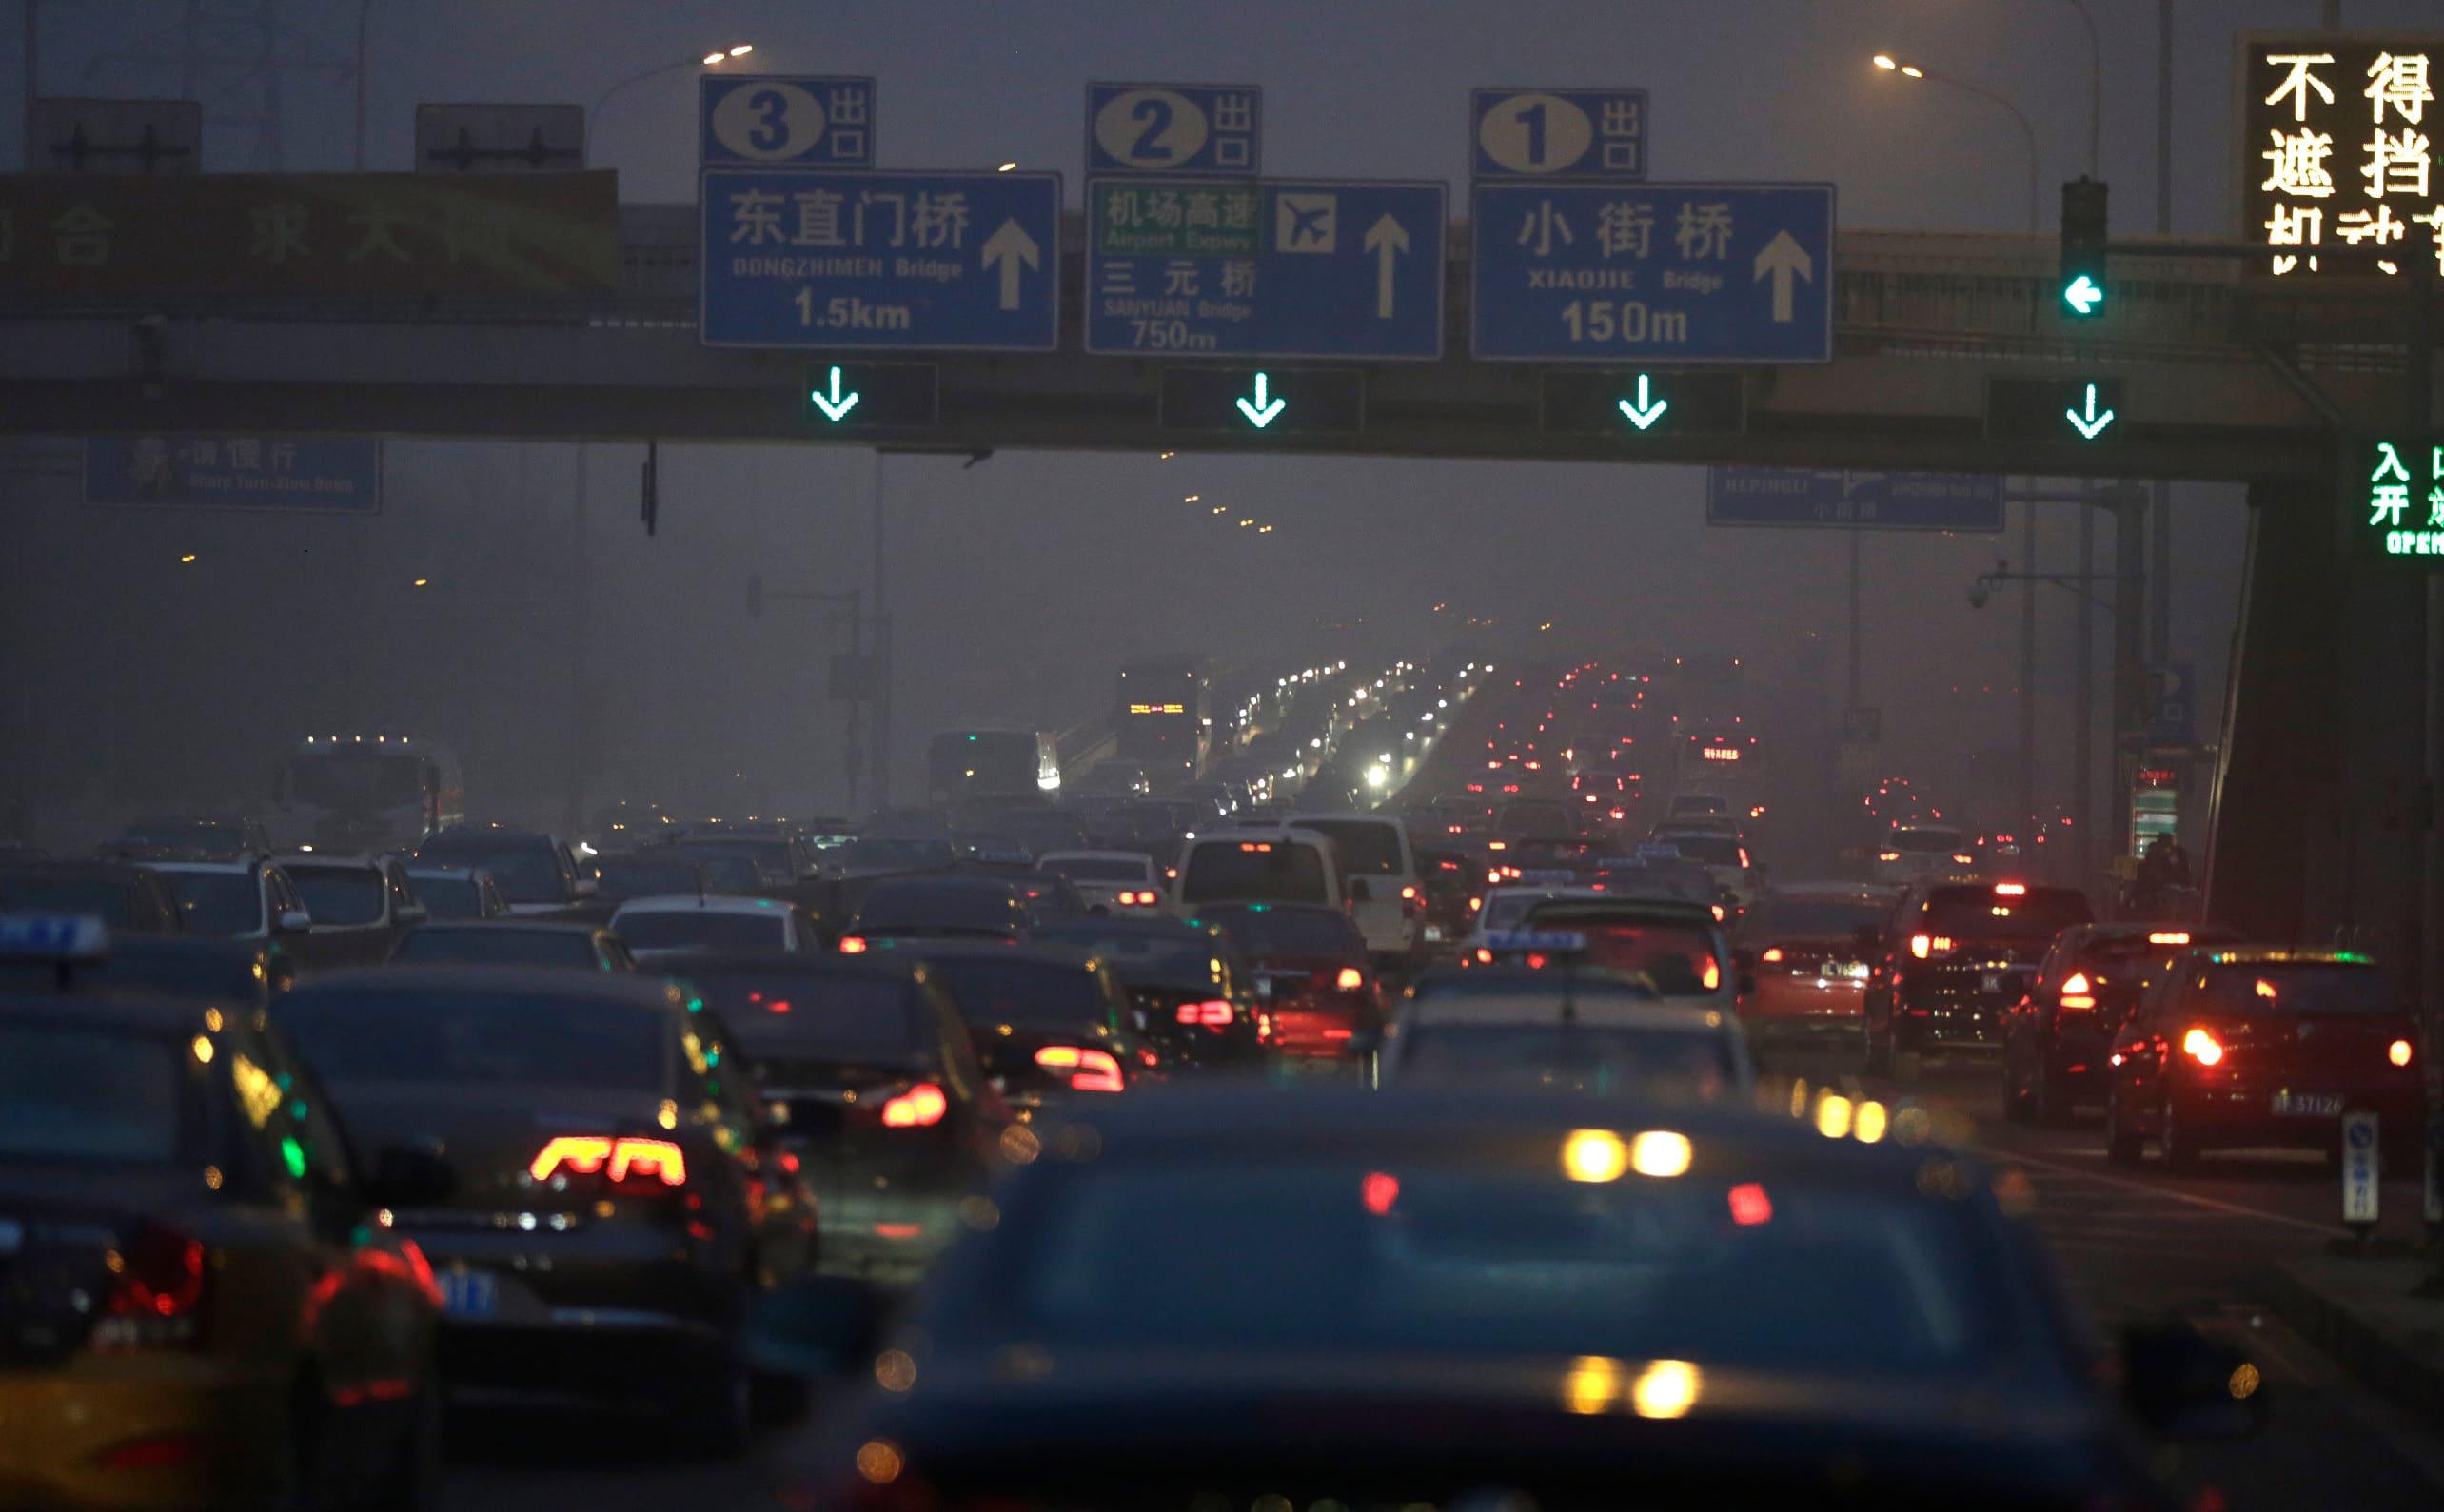 kiina liikenneruuhkassa